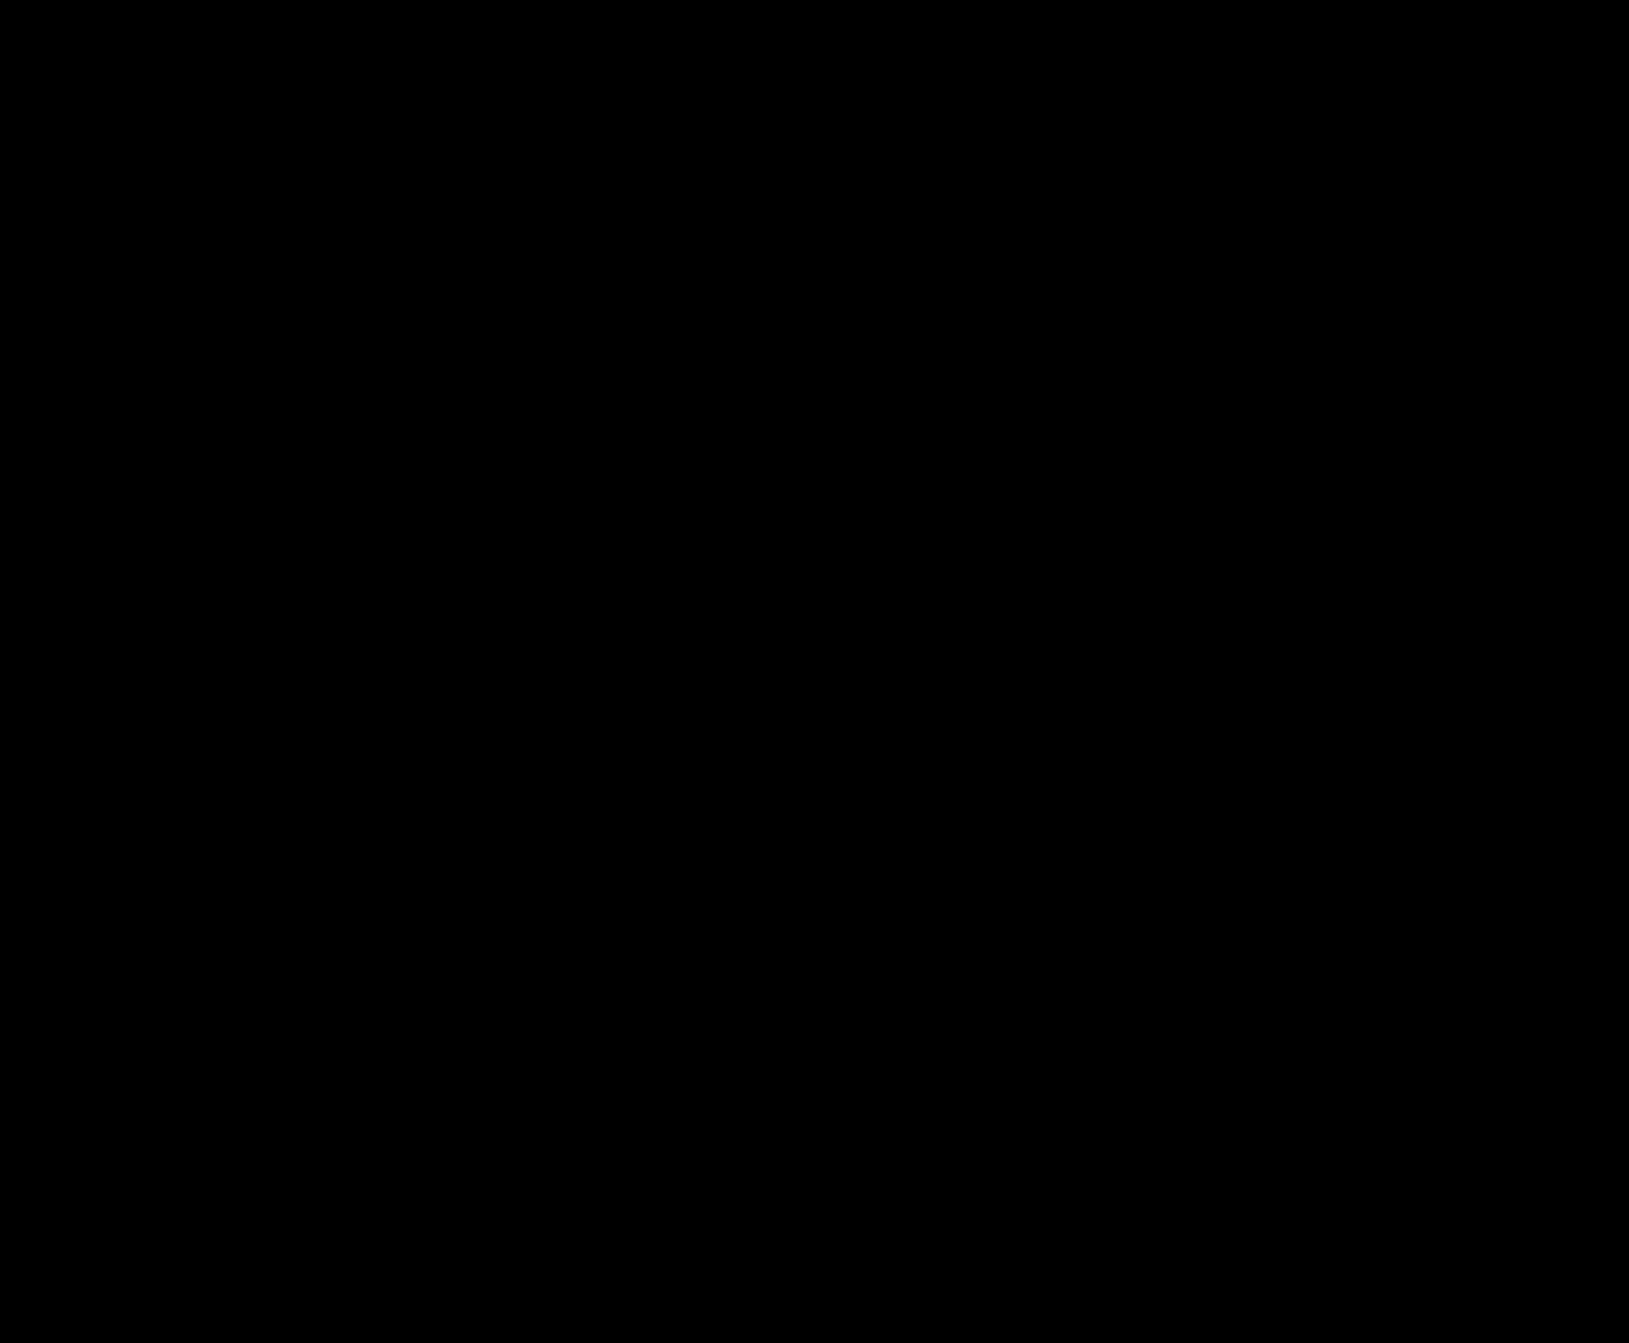 Flourish clipart basic. Free flourishes image clip